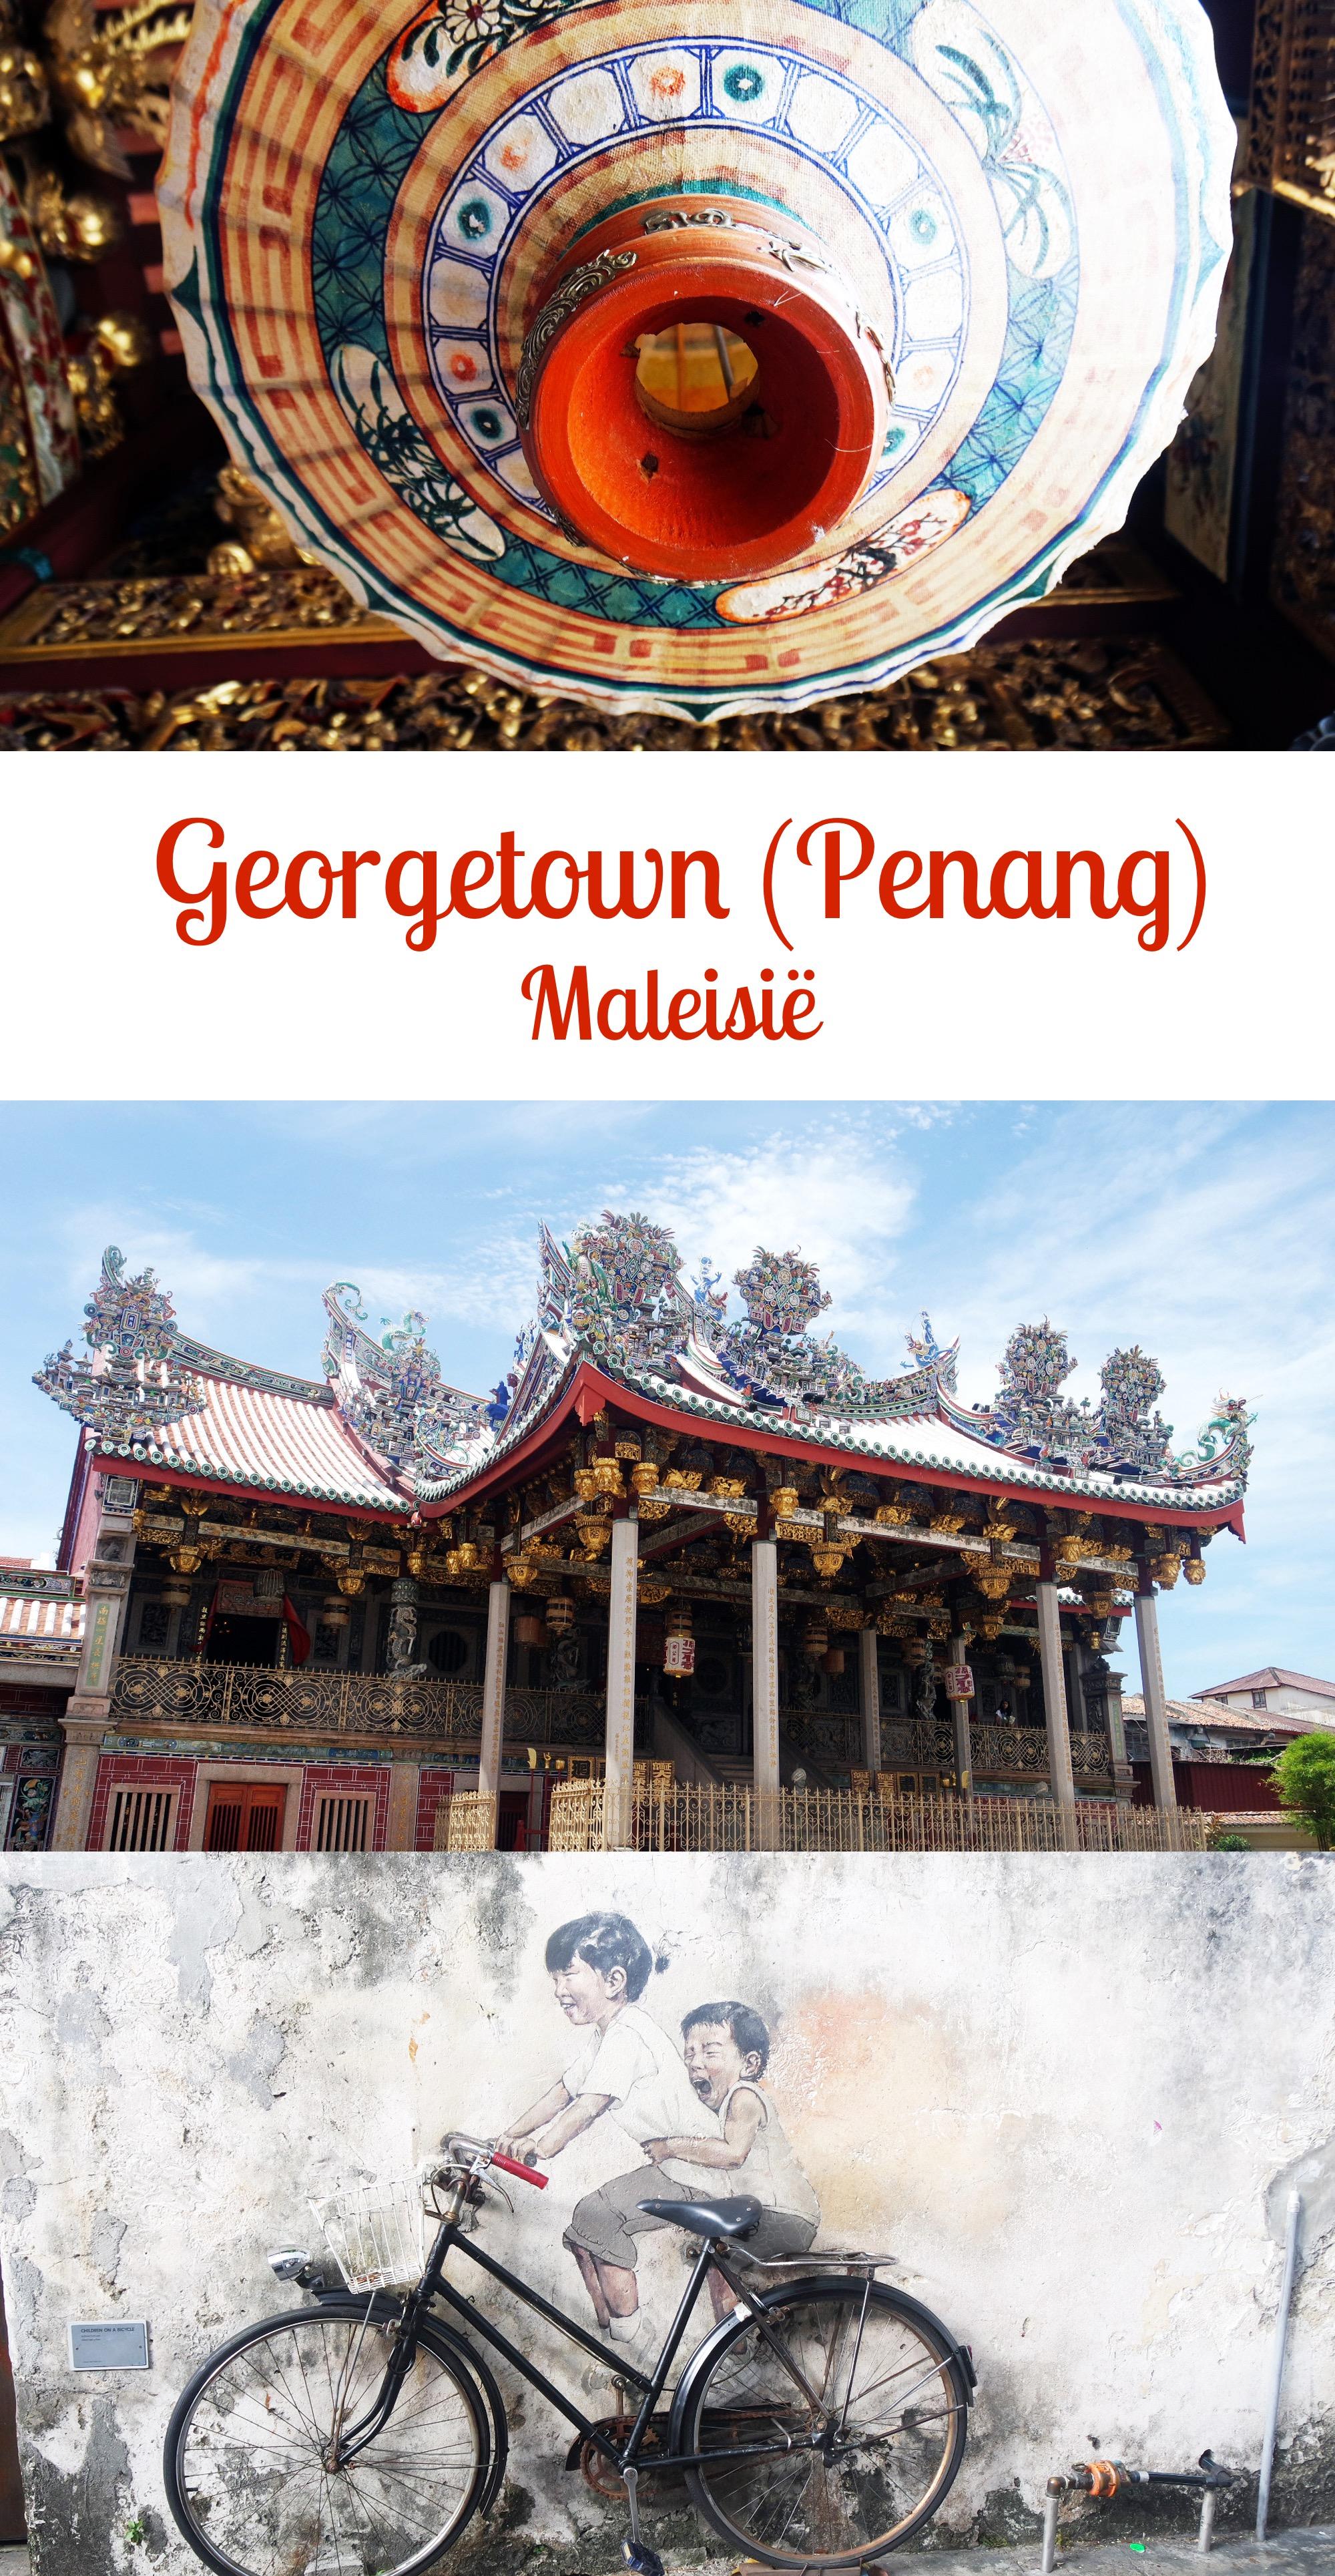 Maleisië - Georgetown (Regio Penang)